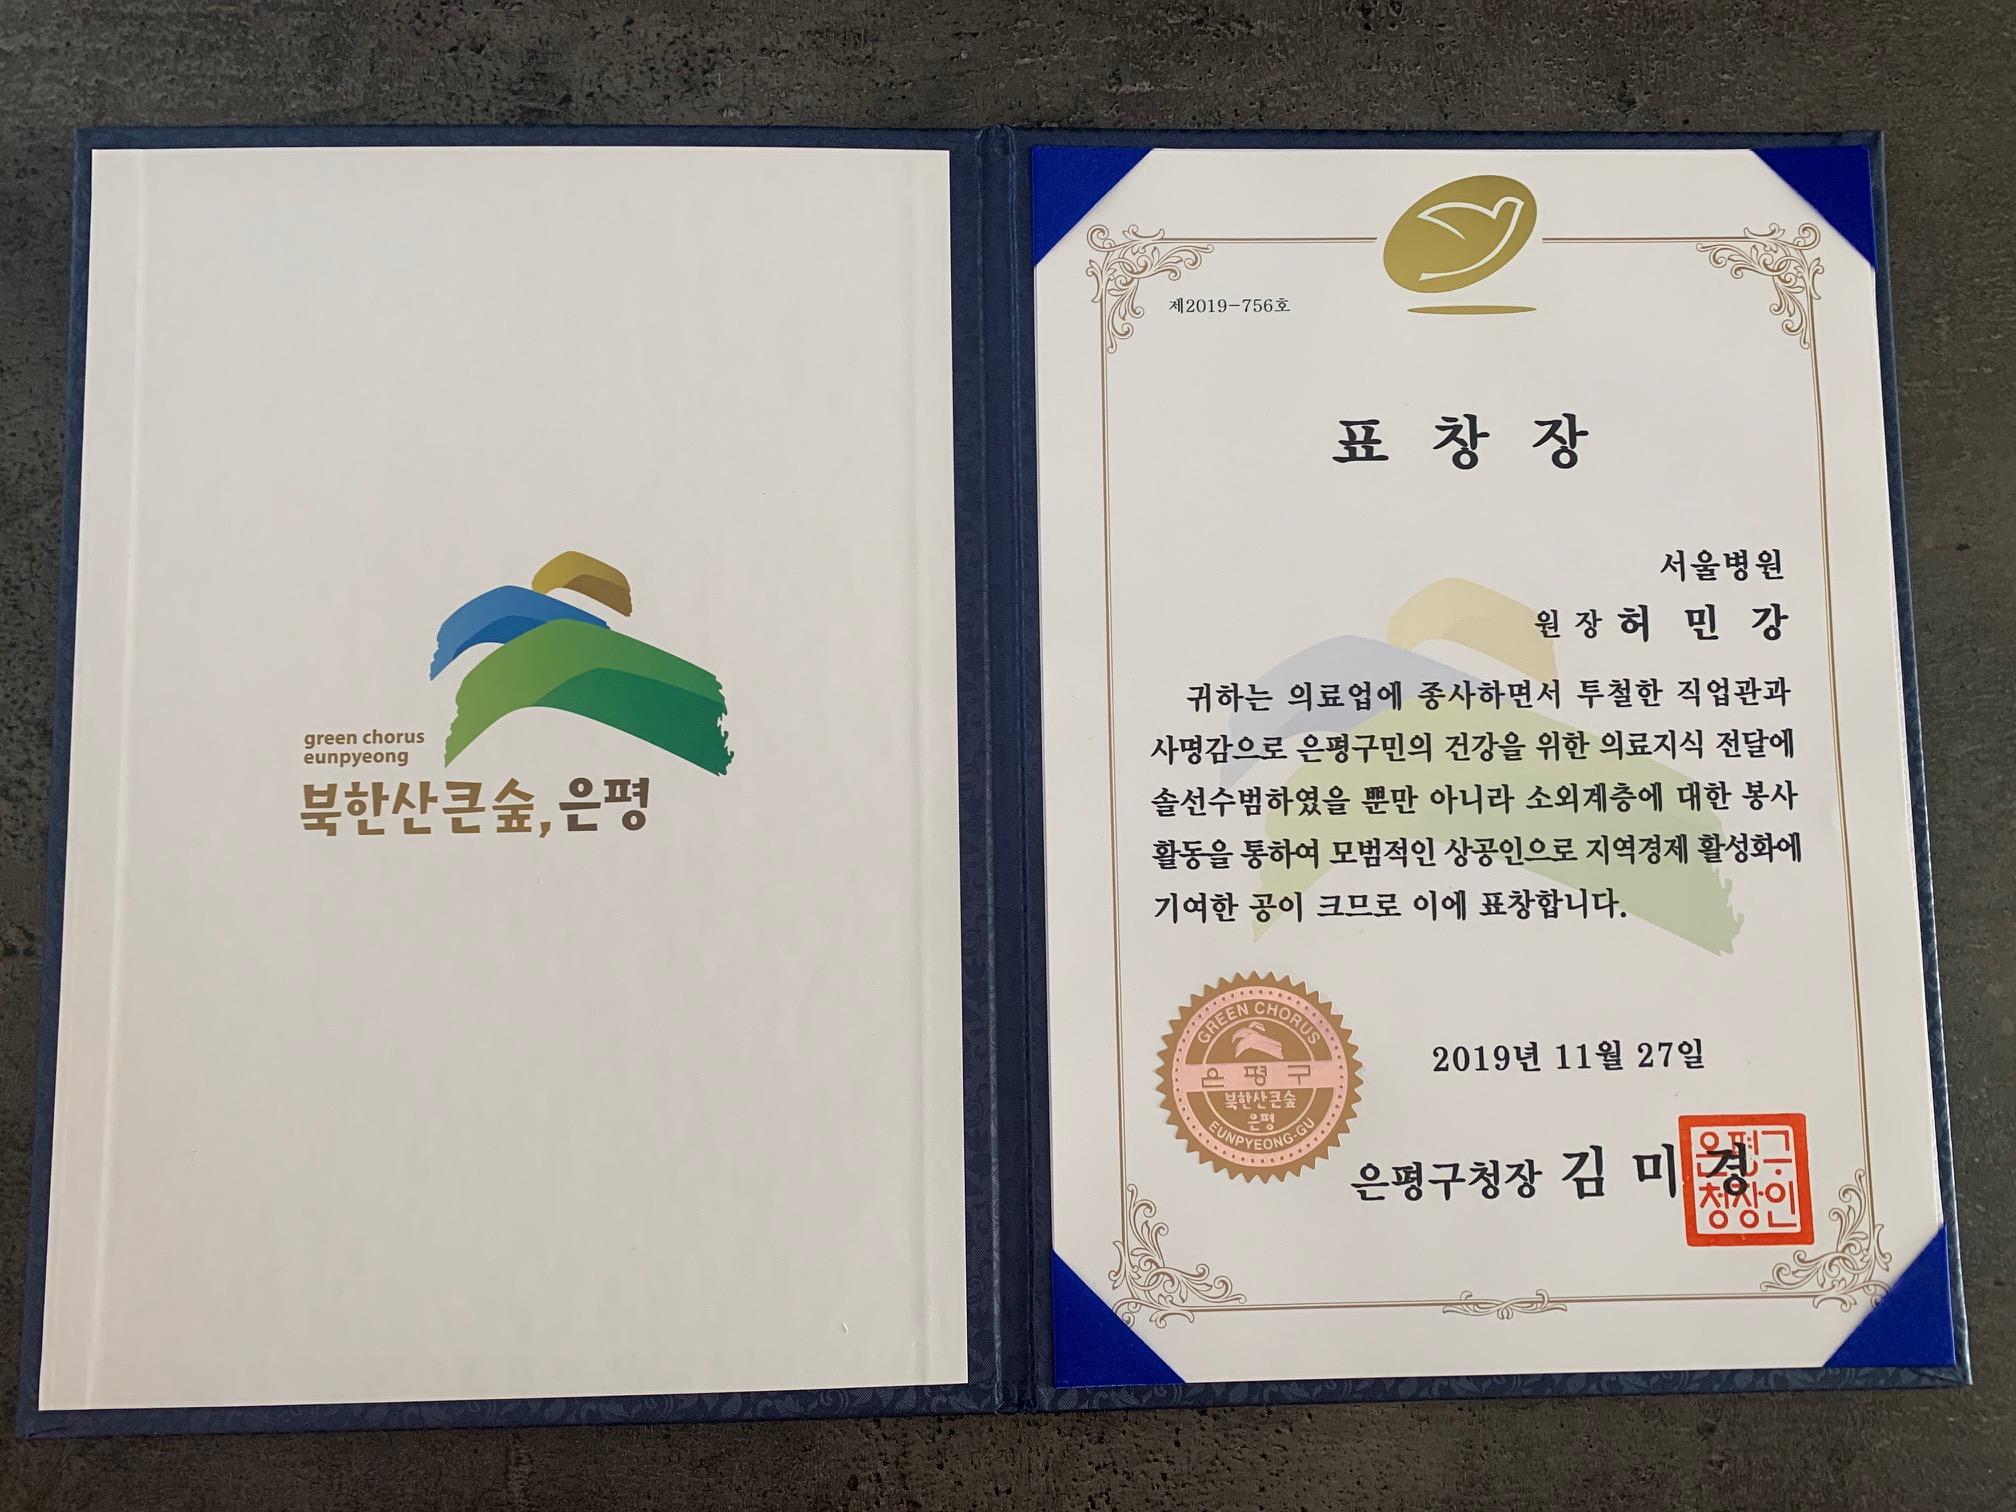 서울병원 허민강 병원장 표창장